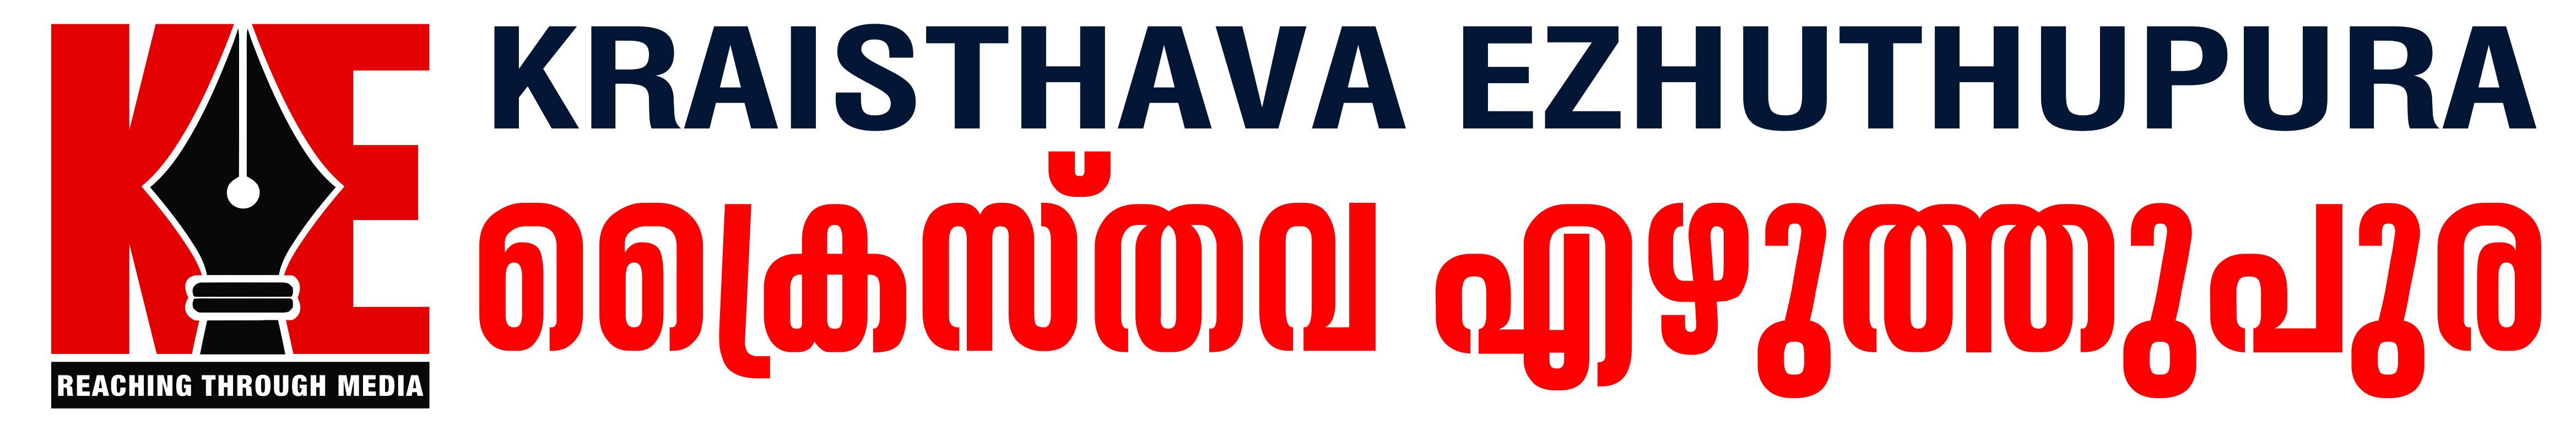 Kraisthava Ezhuthupura